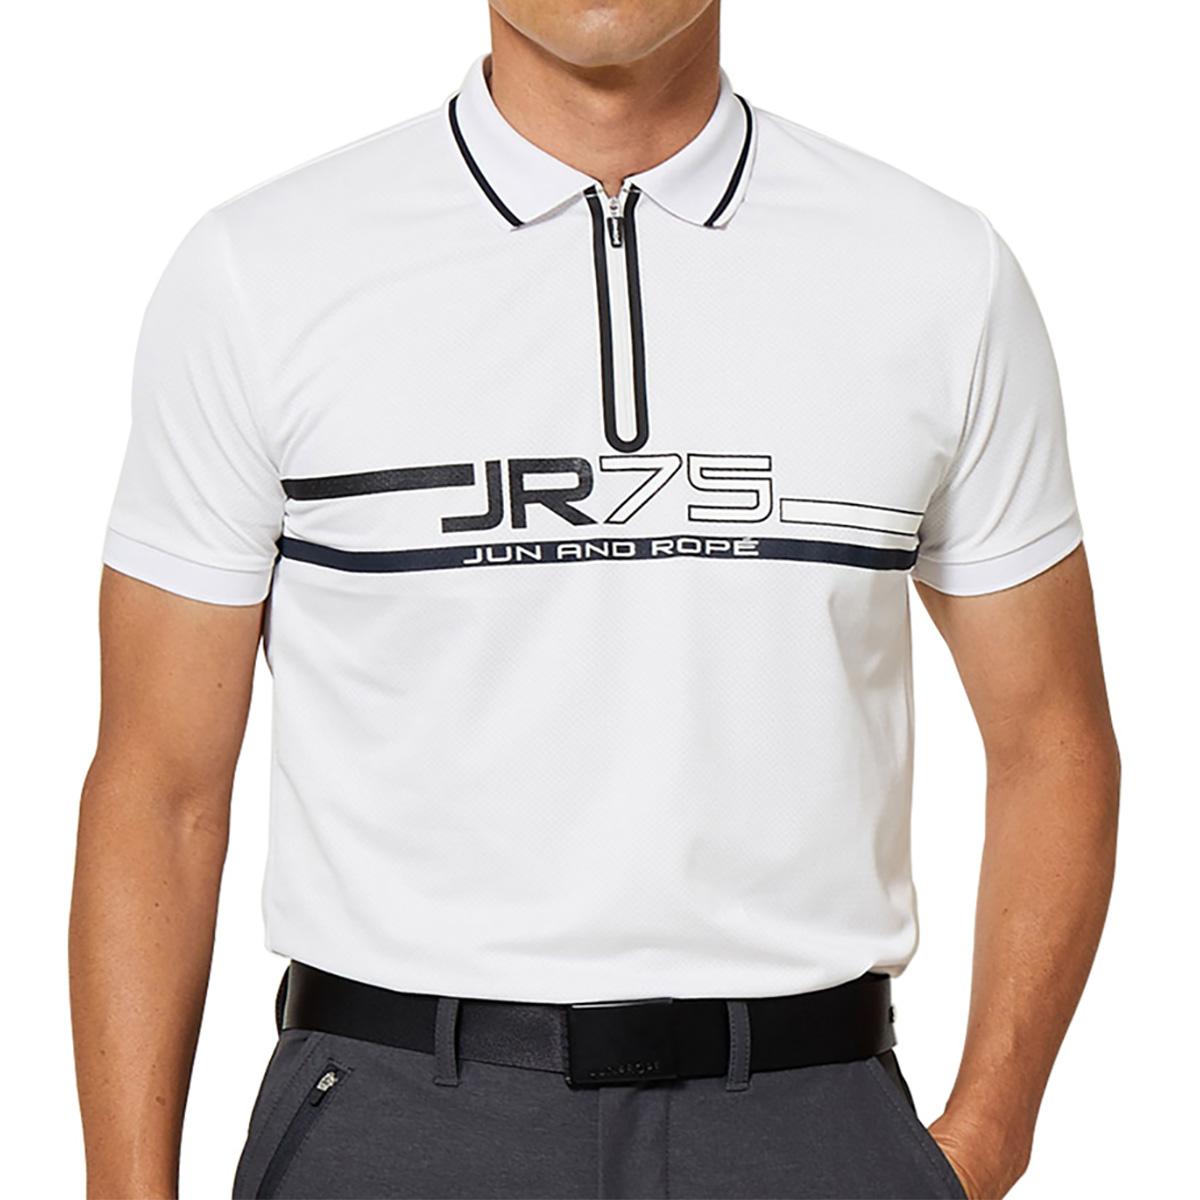 75ロゴプリント半袖ポロシャツ